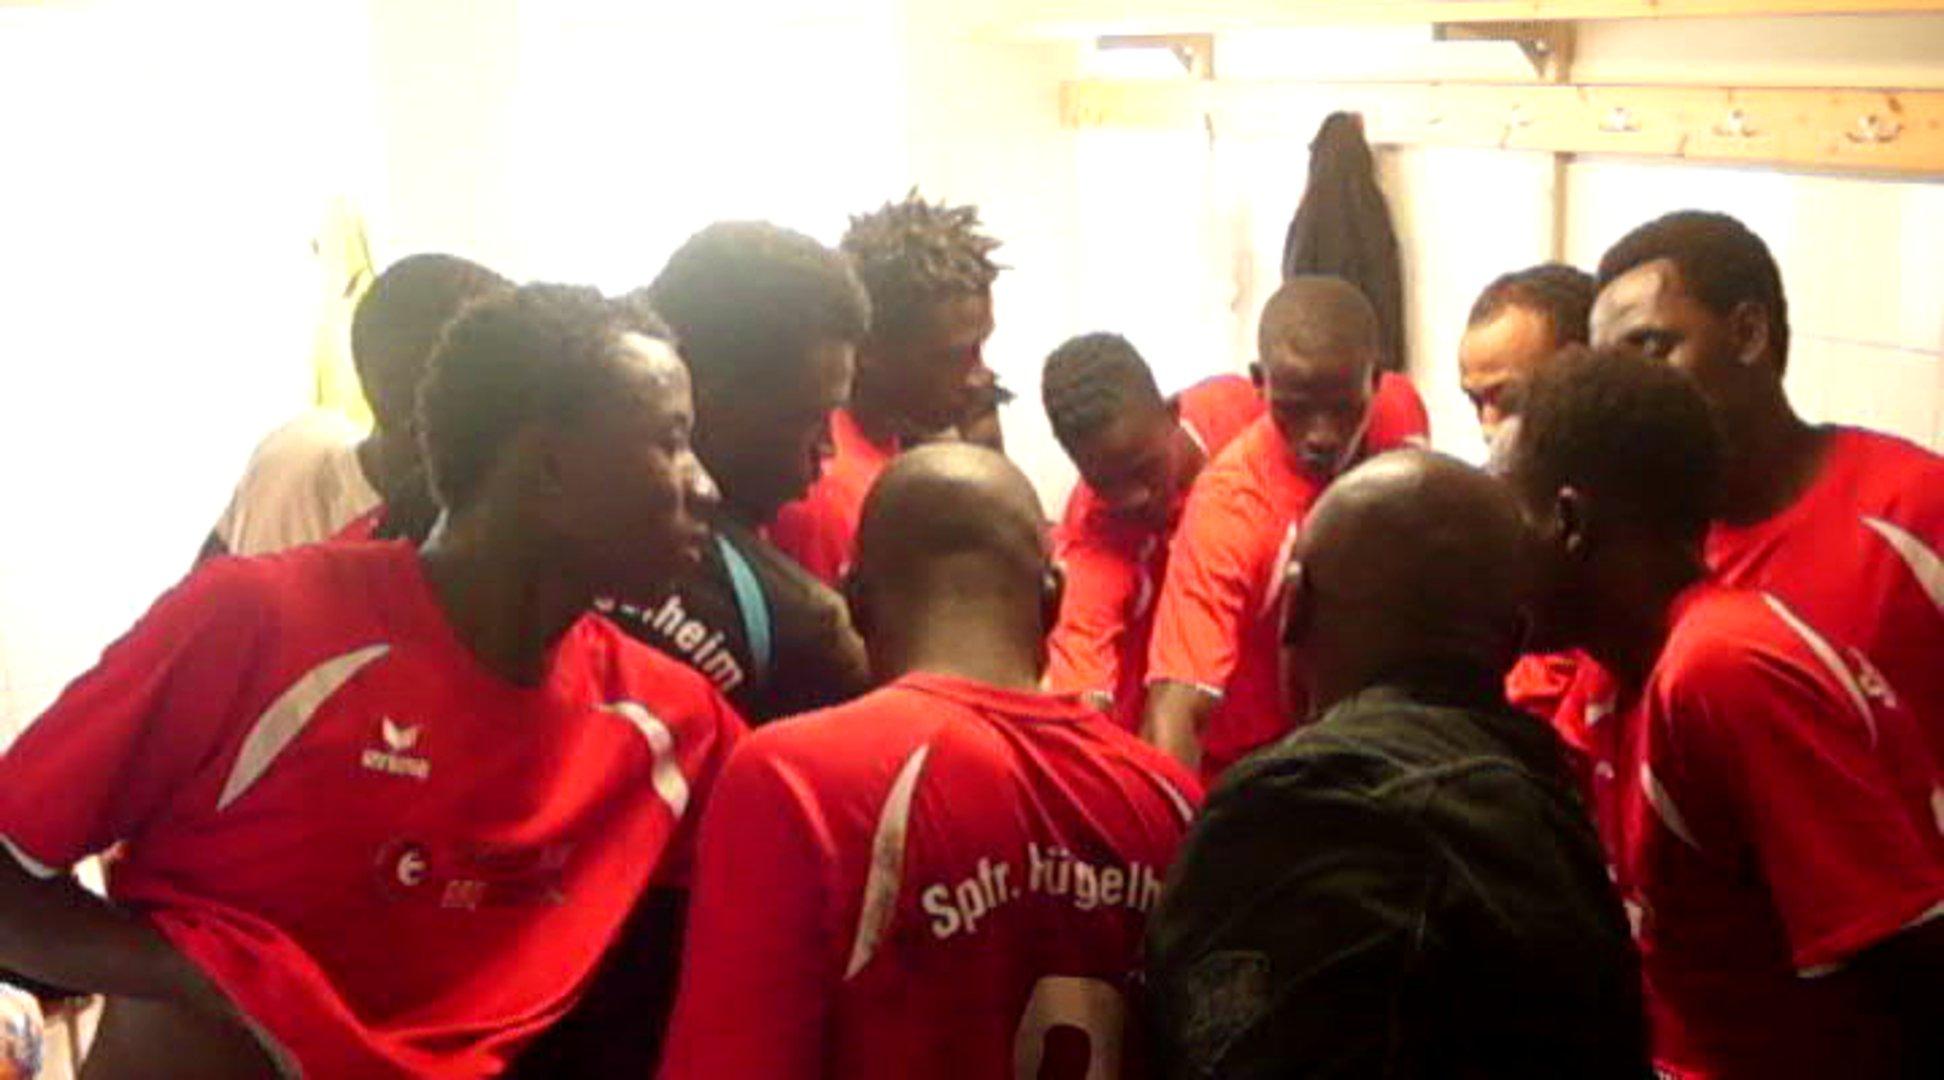 Flüchtlinge in der Kabine ihres Fußballvereins